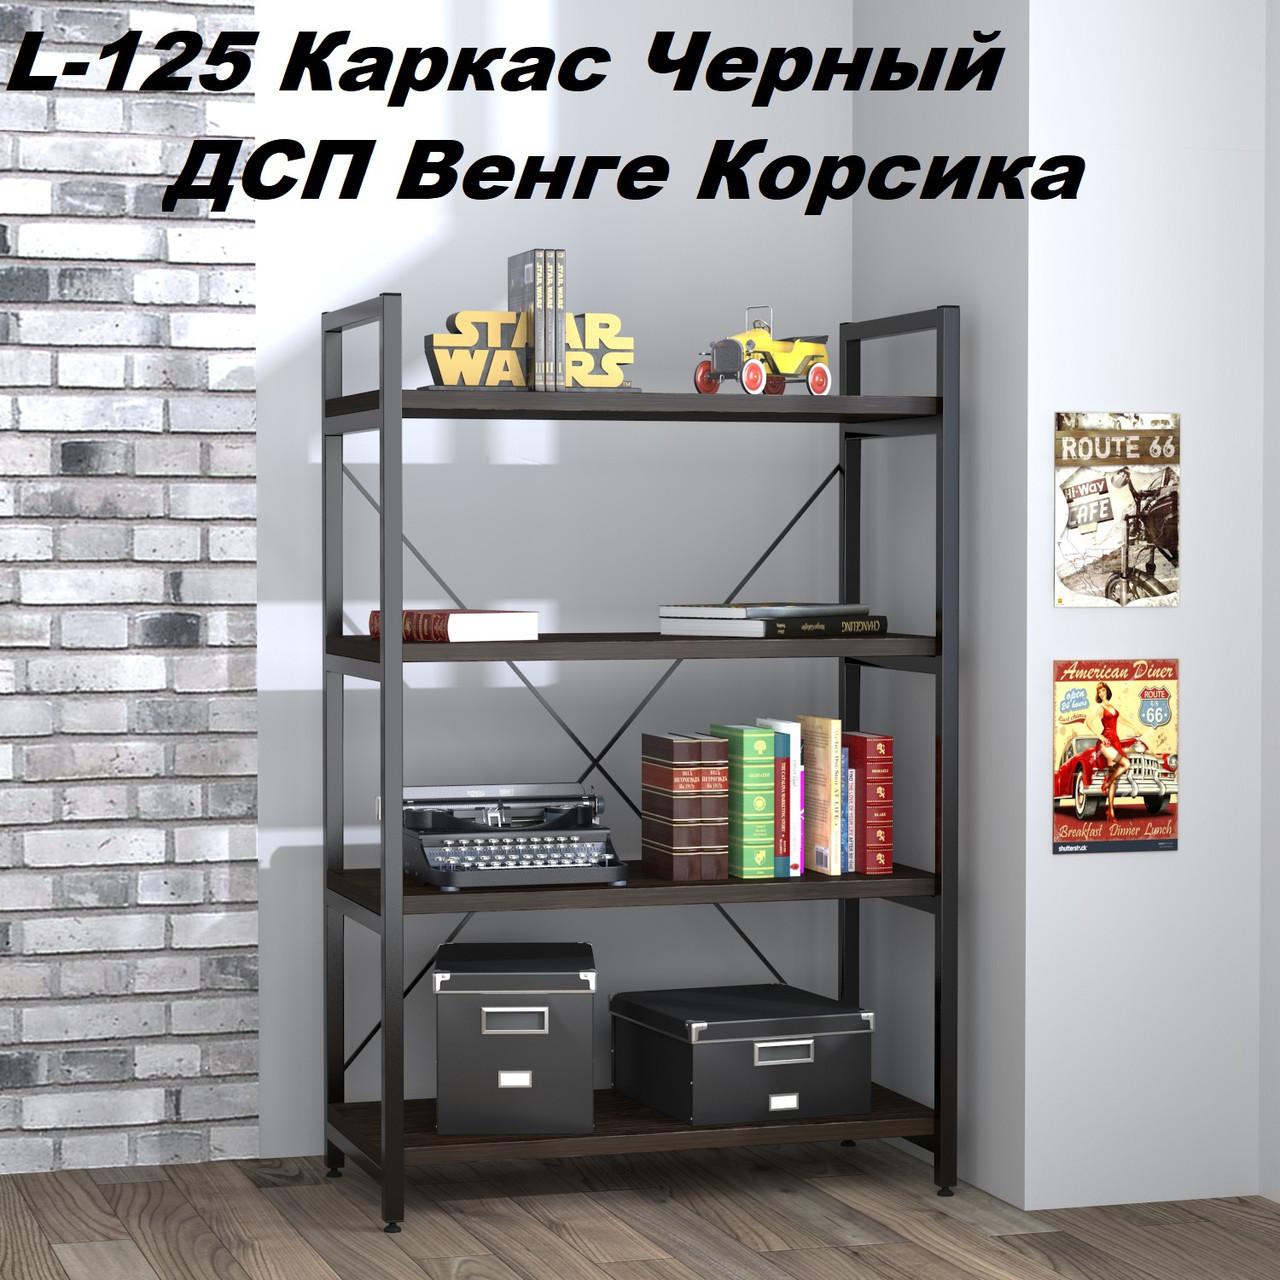 Стеллаж офисный L-125 Черный, ДСП Венге Корсика (Loft Design TM)